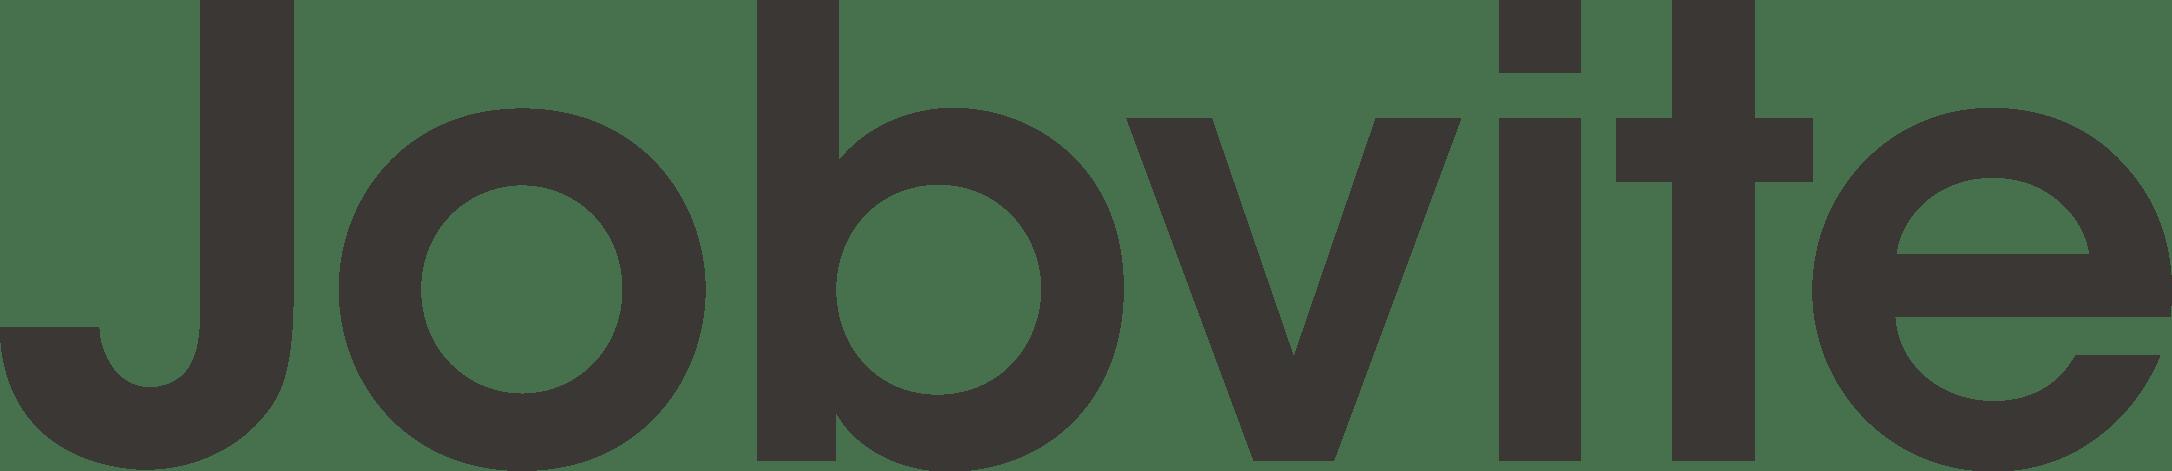 Jobvite - jobvite-logo-1.png